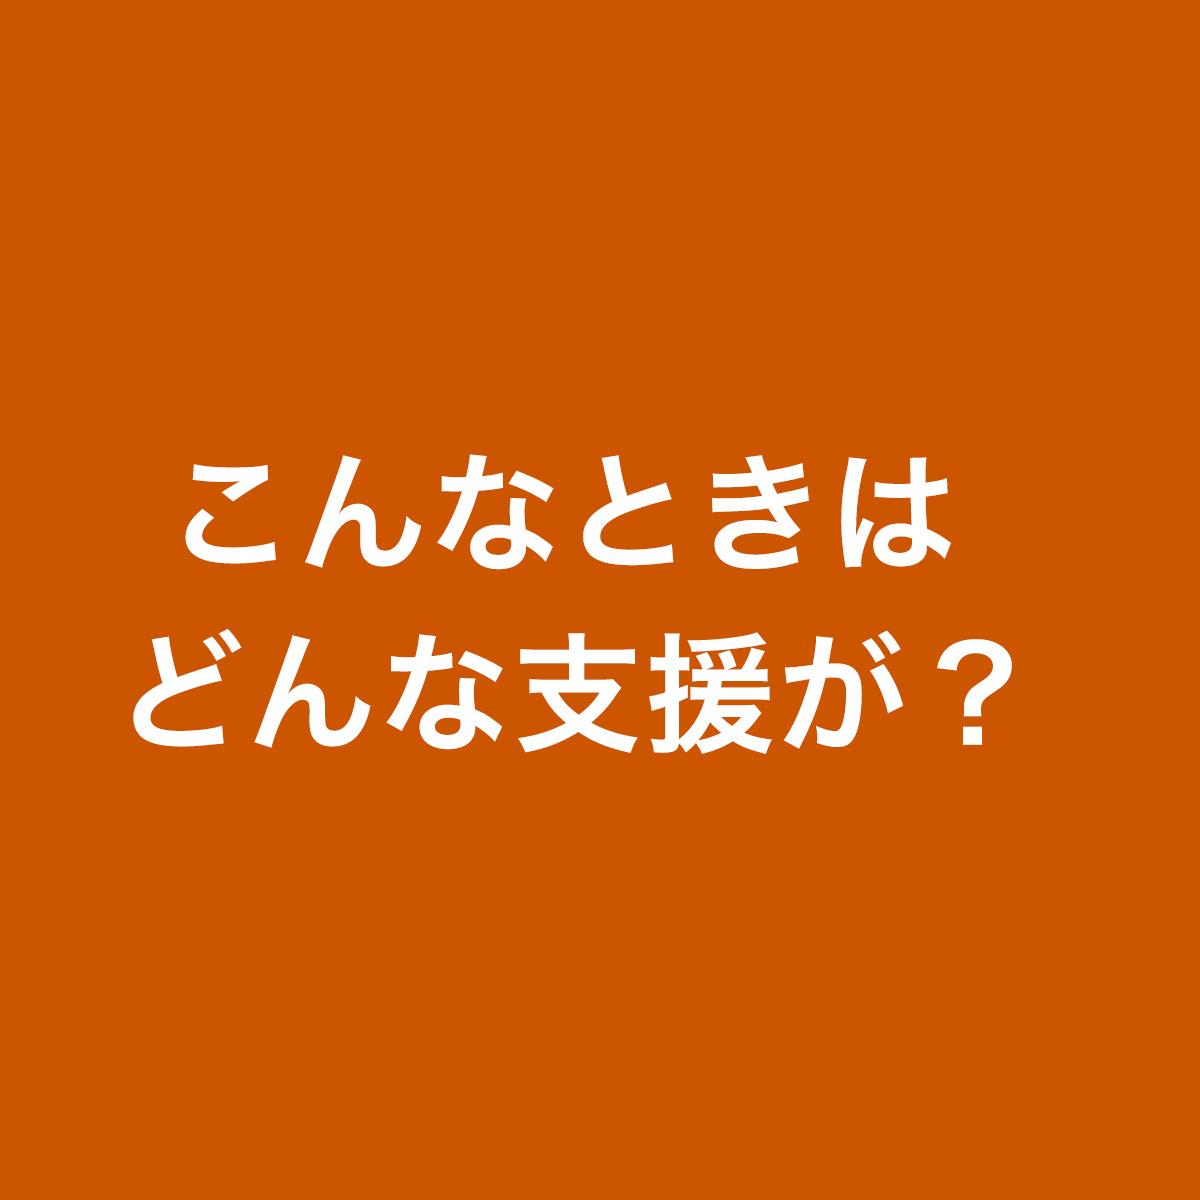 免許 コロナ 大阪 更新